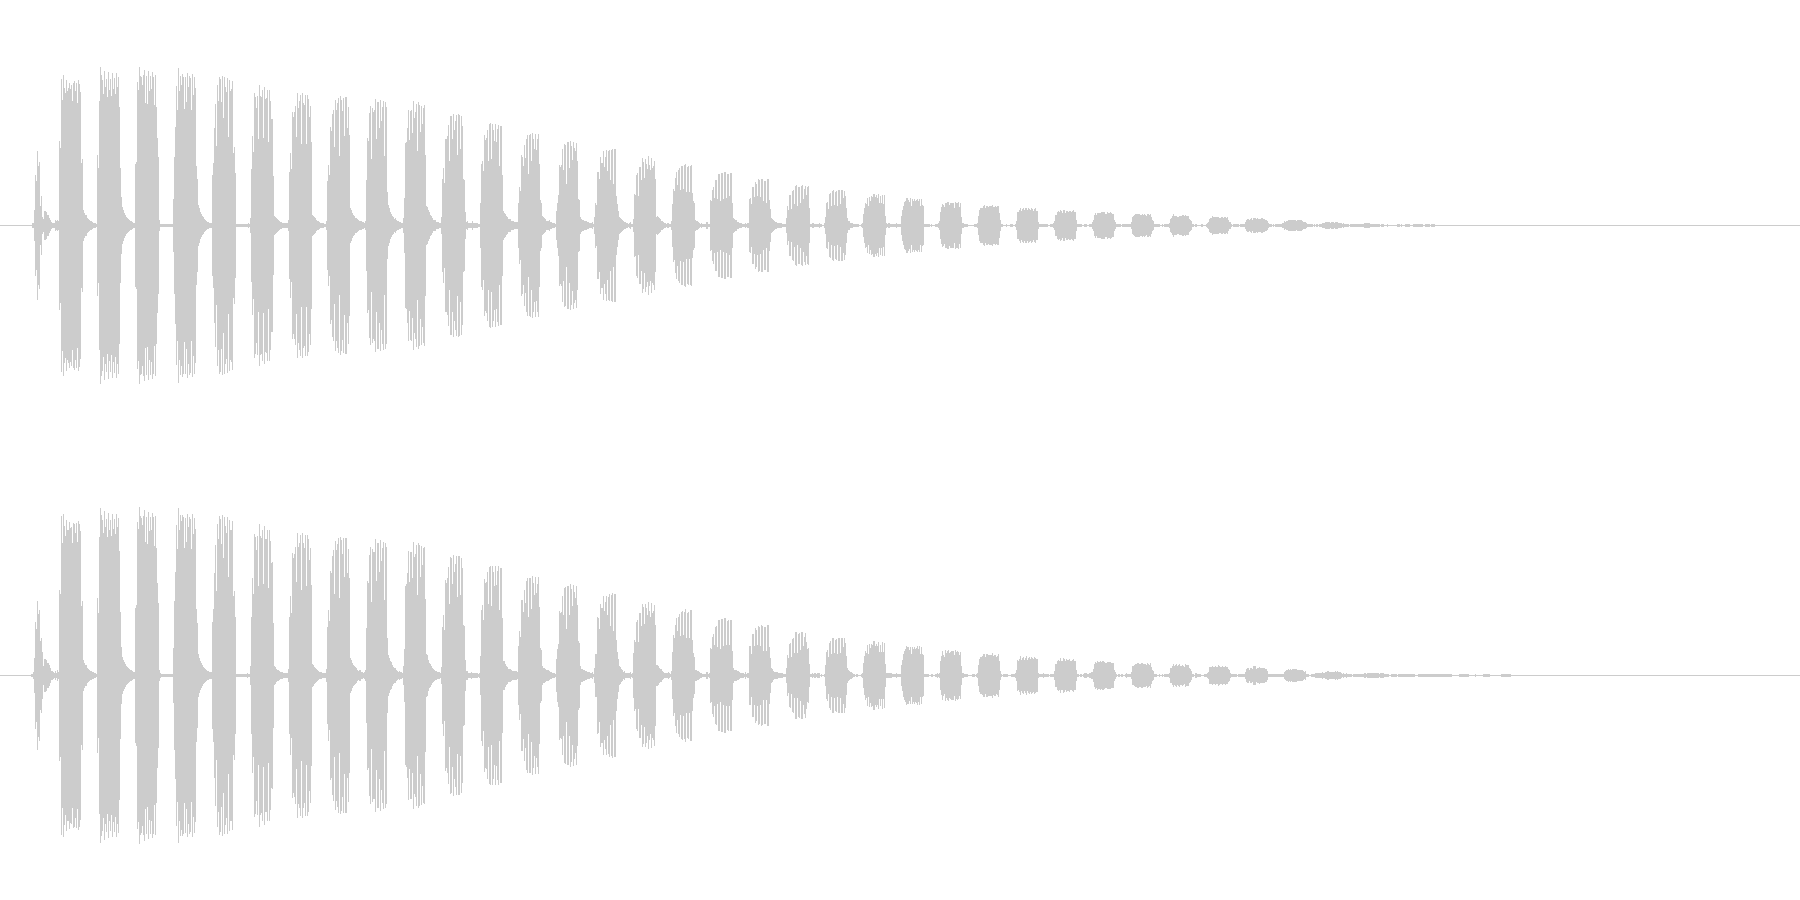 ビヨーン(蛙の飛び跳ねる音)の未再生の波形